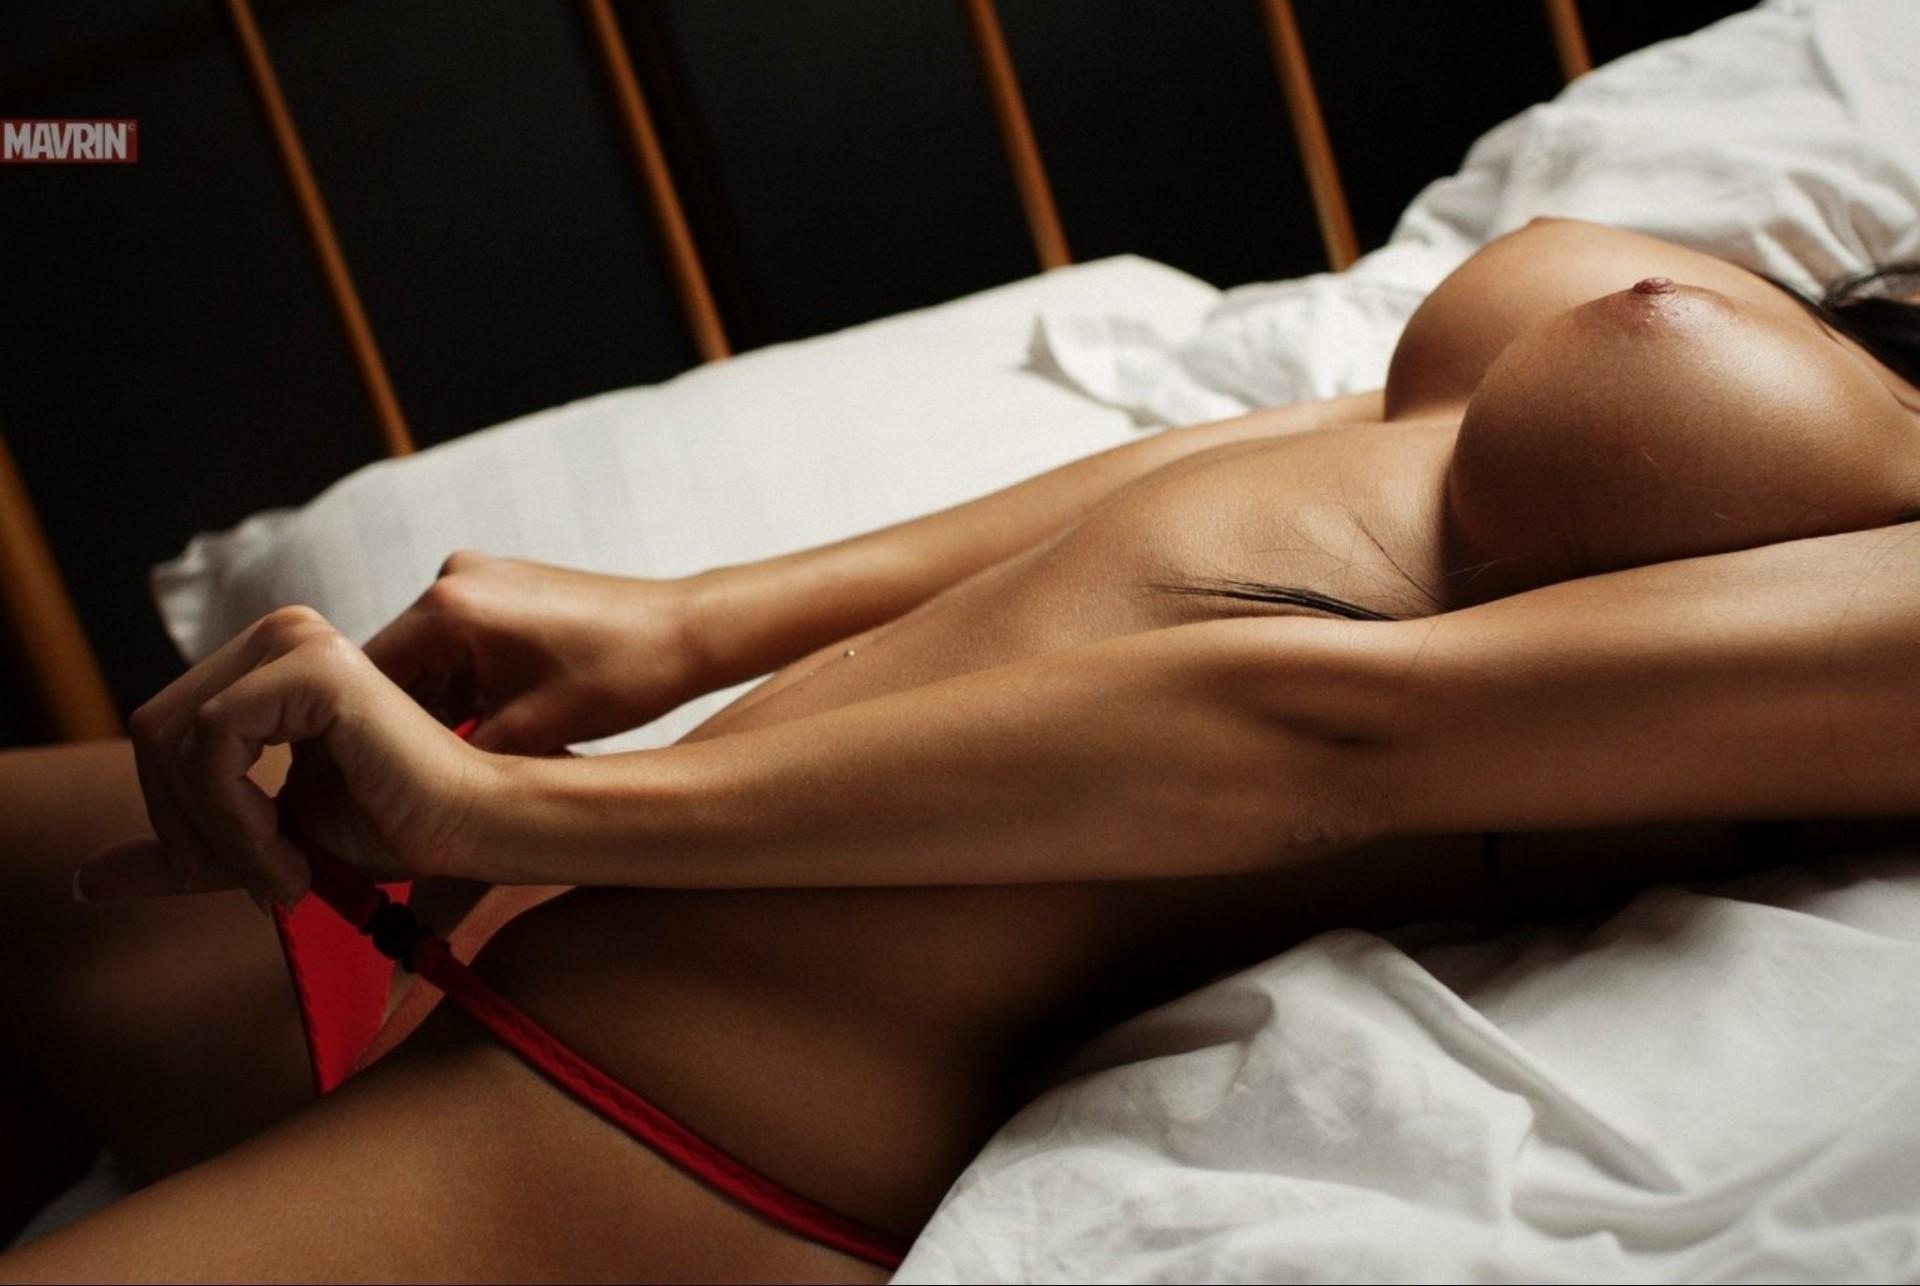 Эротическое женское тело фото